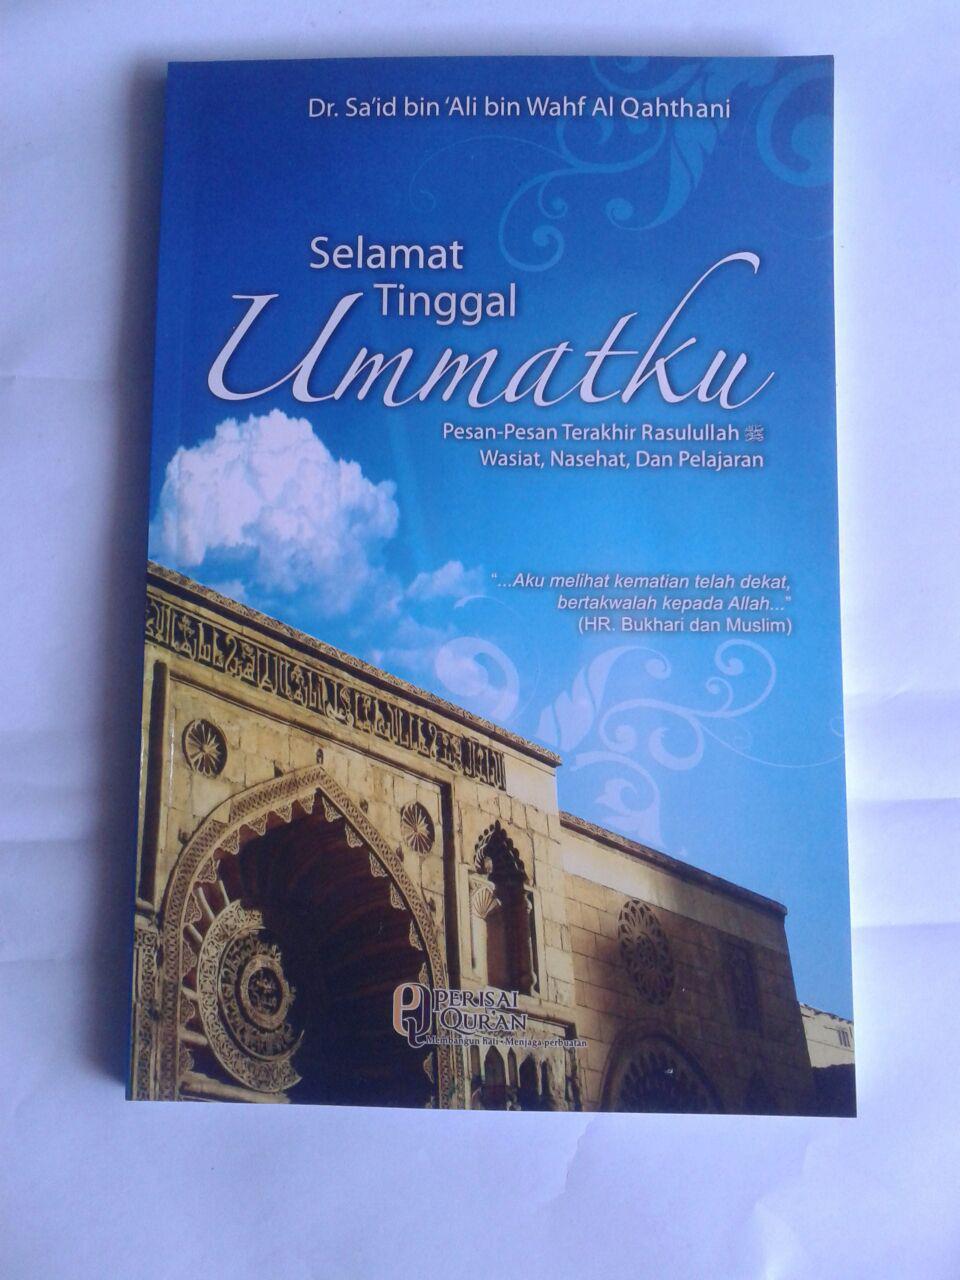 Buku Selamat Tinggal Umatku Pesan Pesan Terakhir Rasulullah cover 2